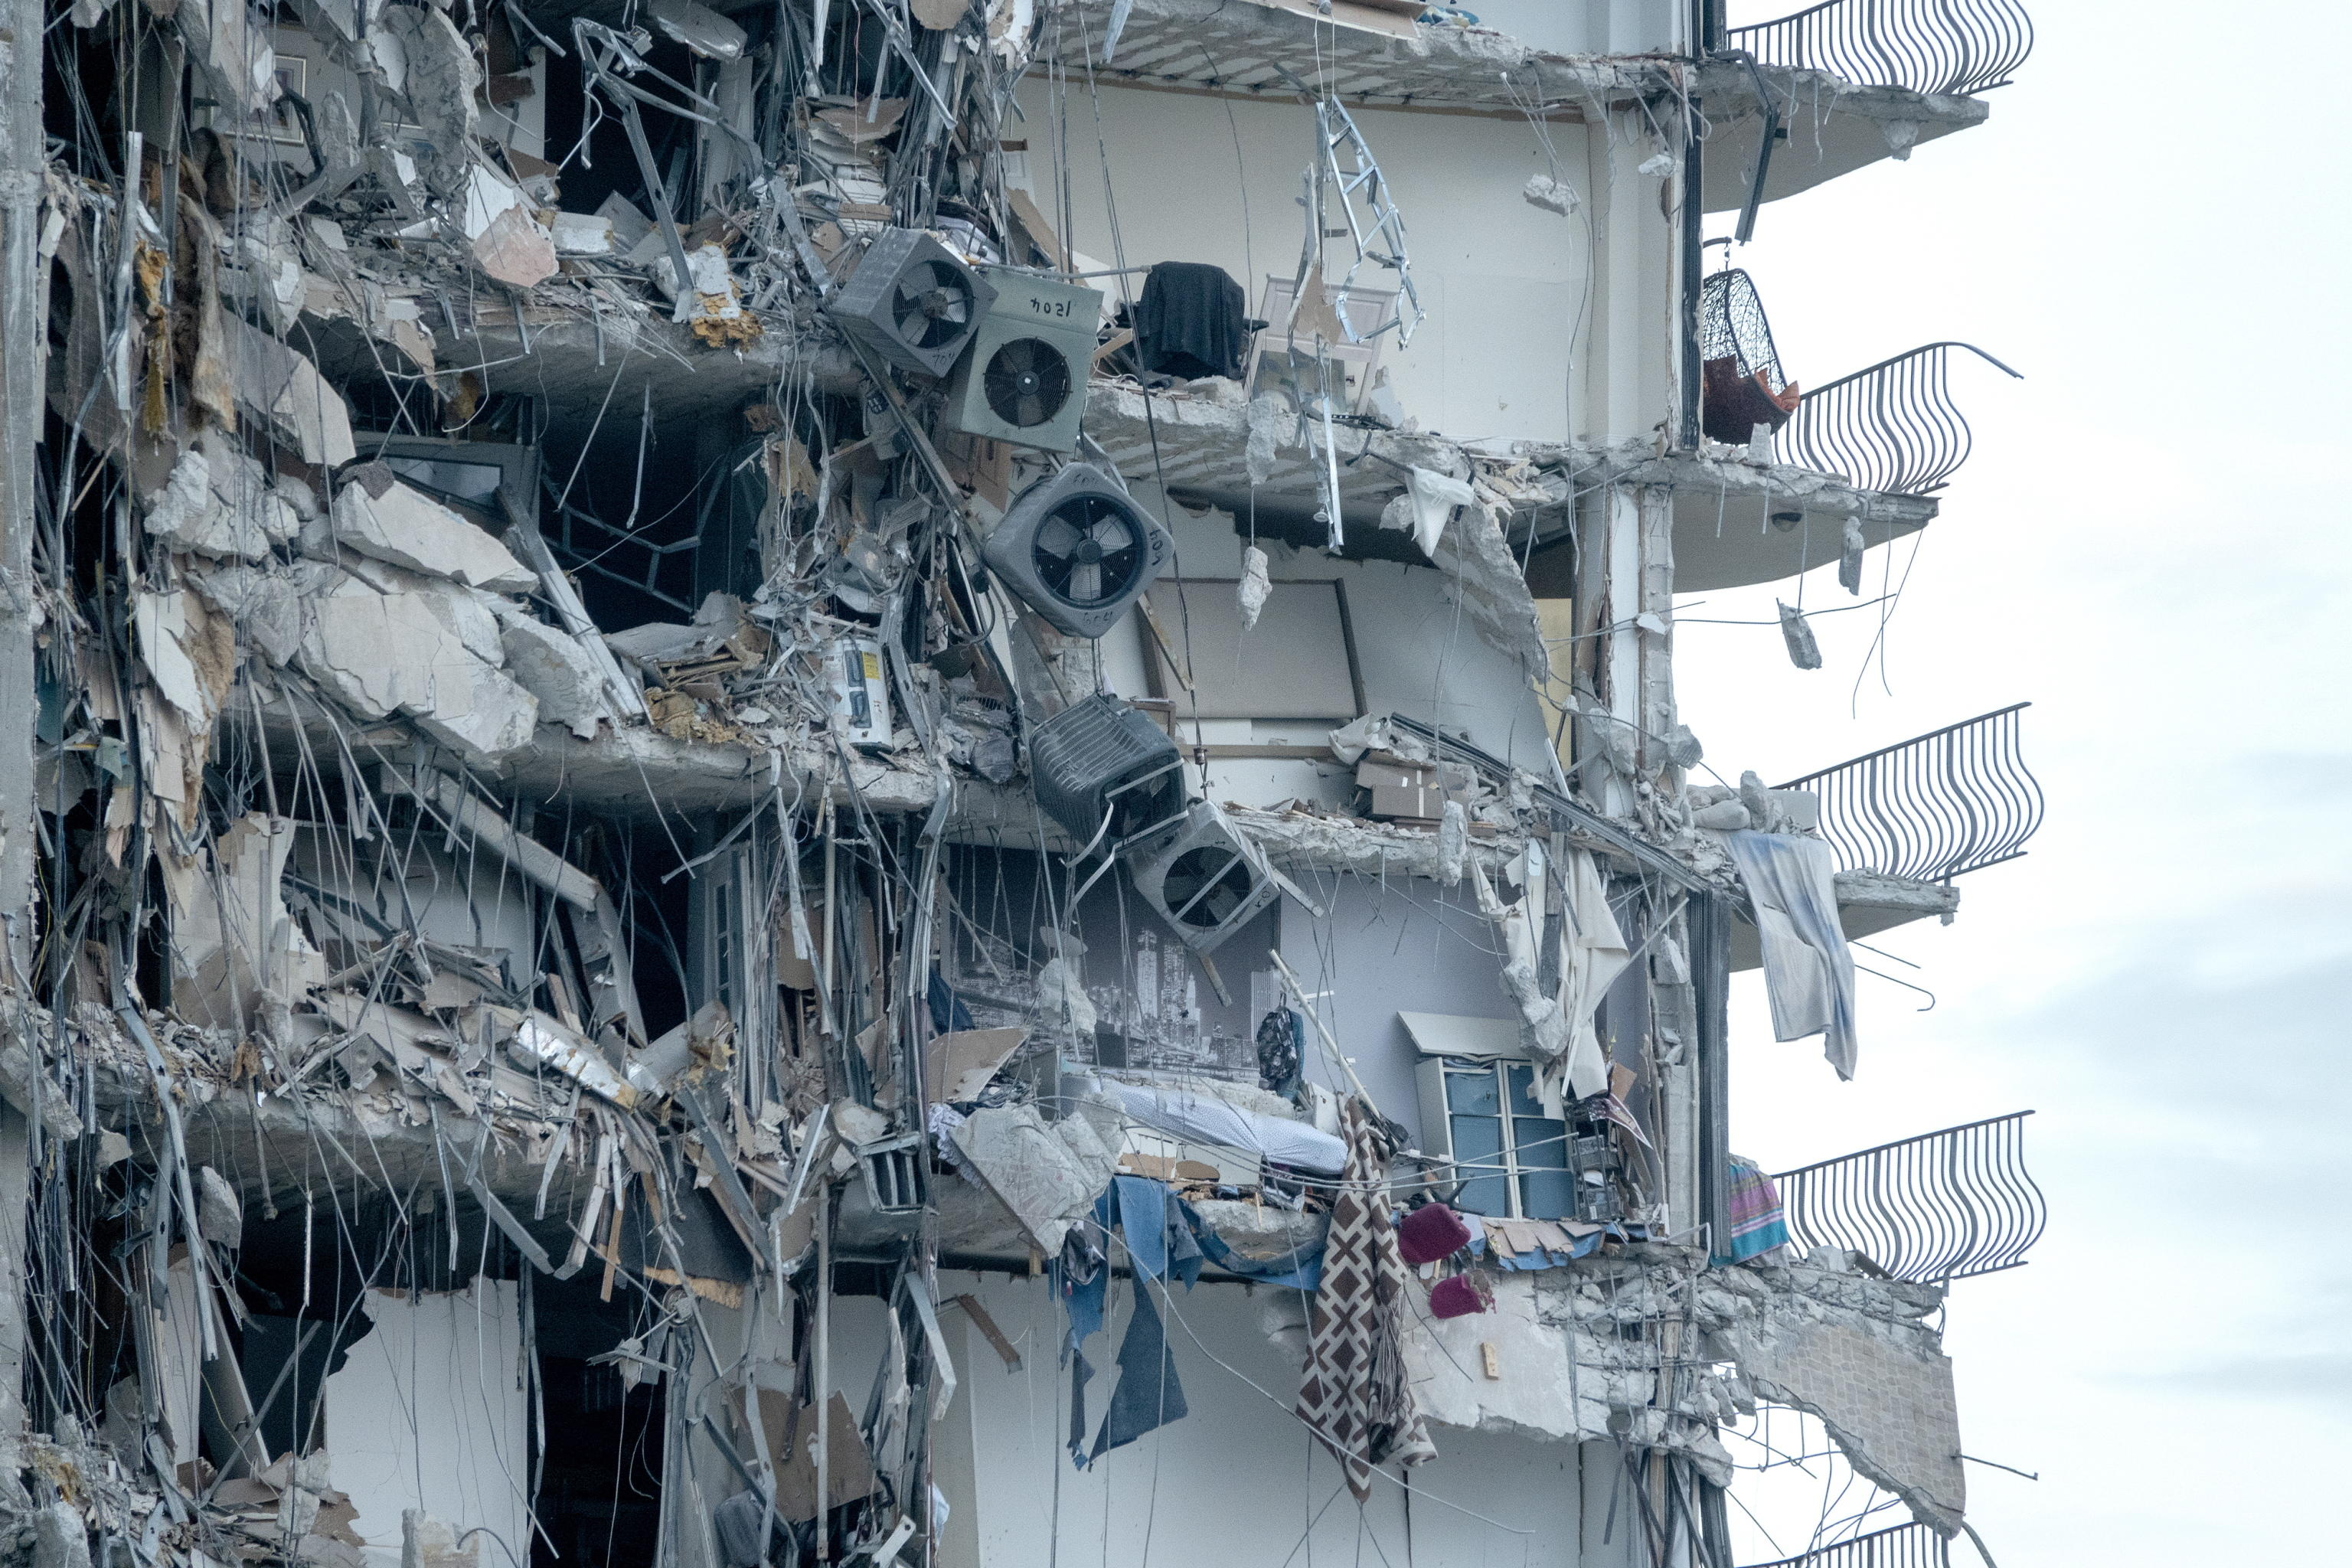 Miami, salgono a 99 le persone disperse dopo il crollo di un palazzo – Il video